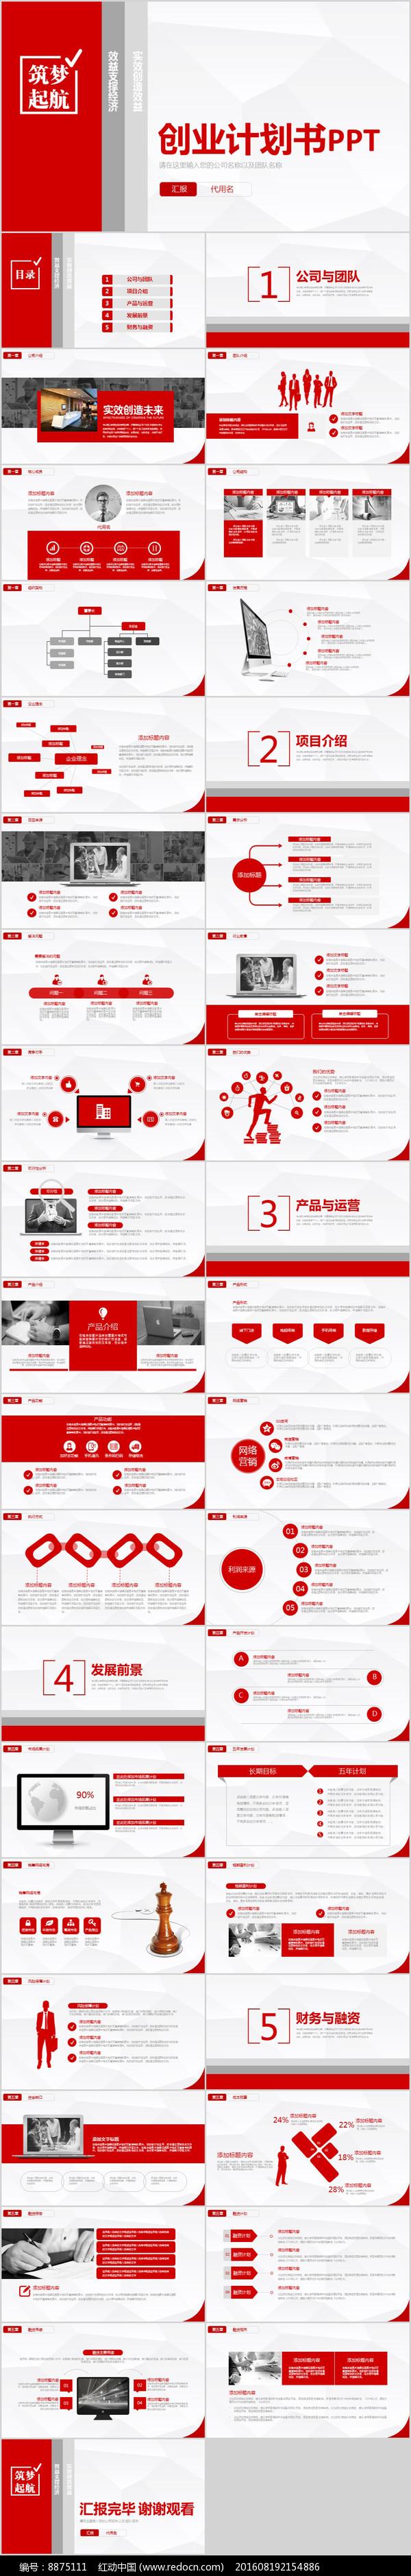 商业计划书创业计划PPT图片